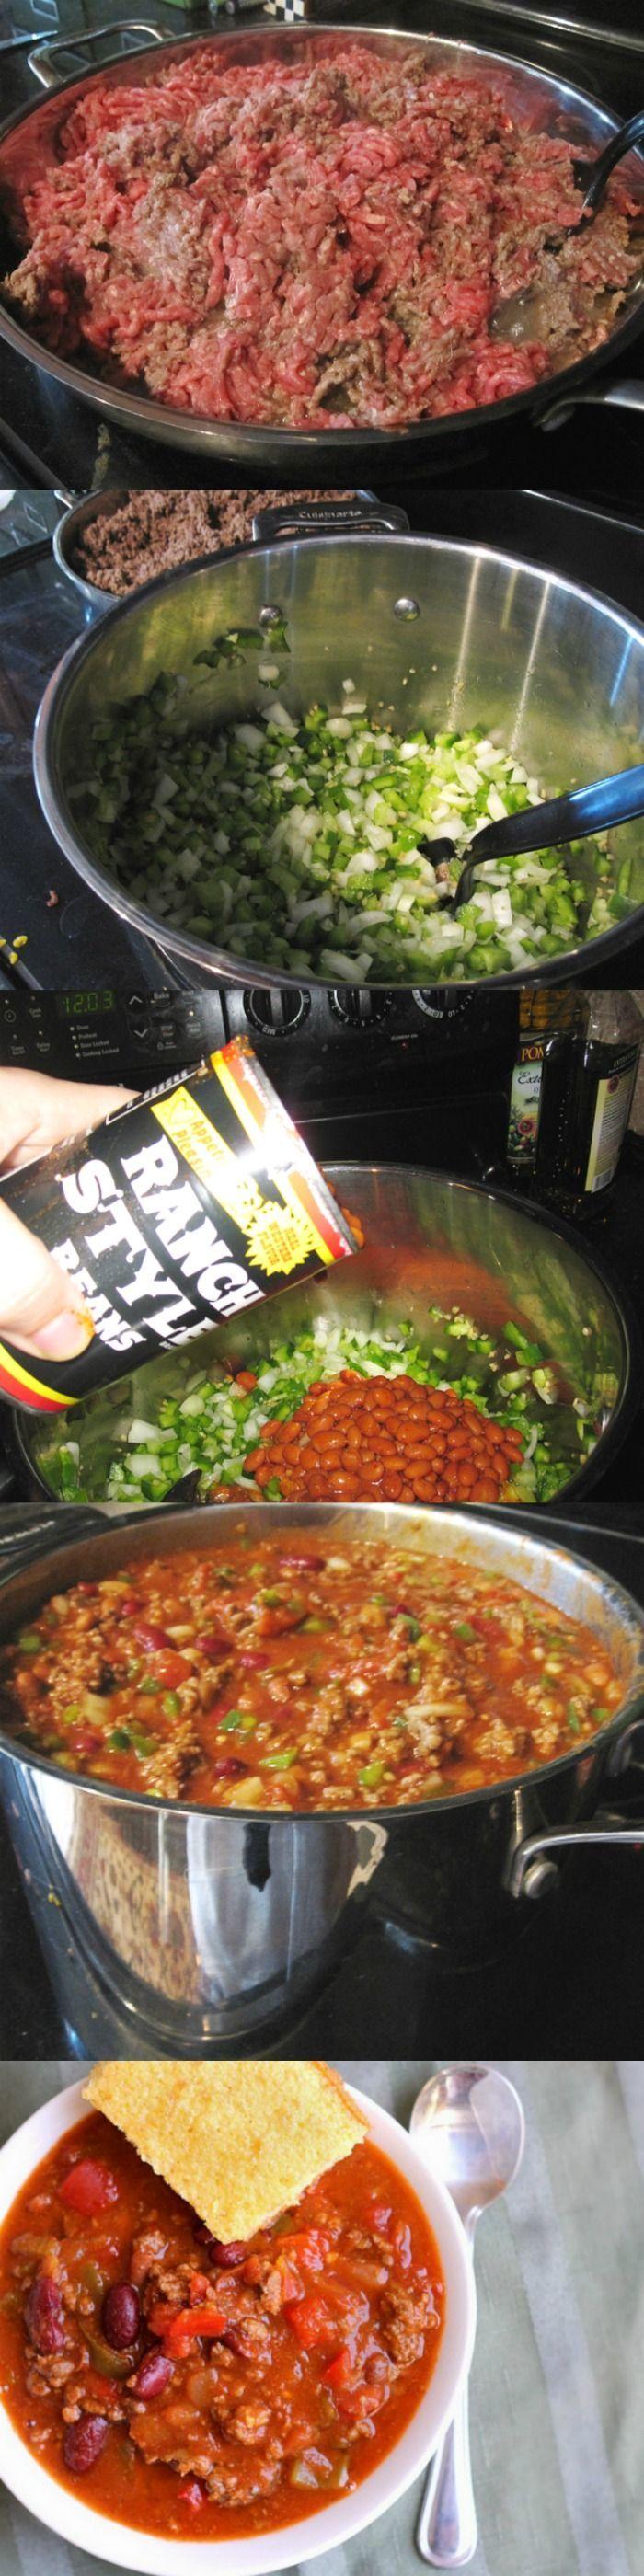 tastes just like wendys chili!!!